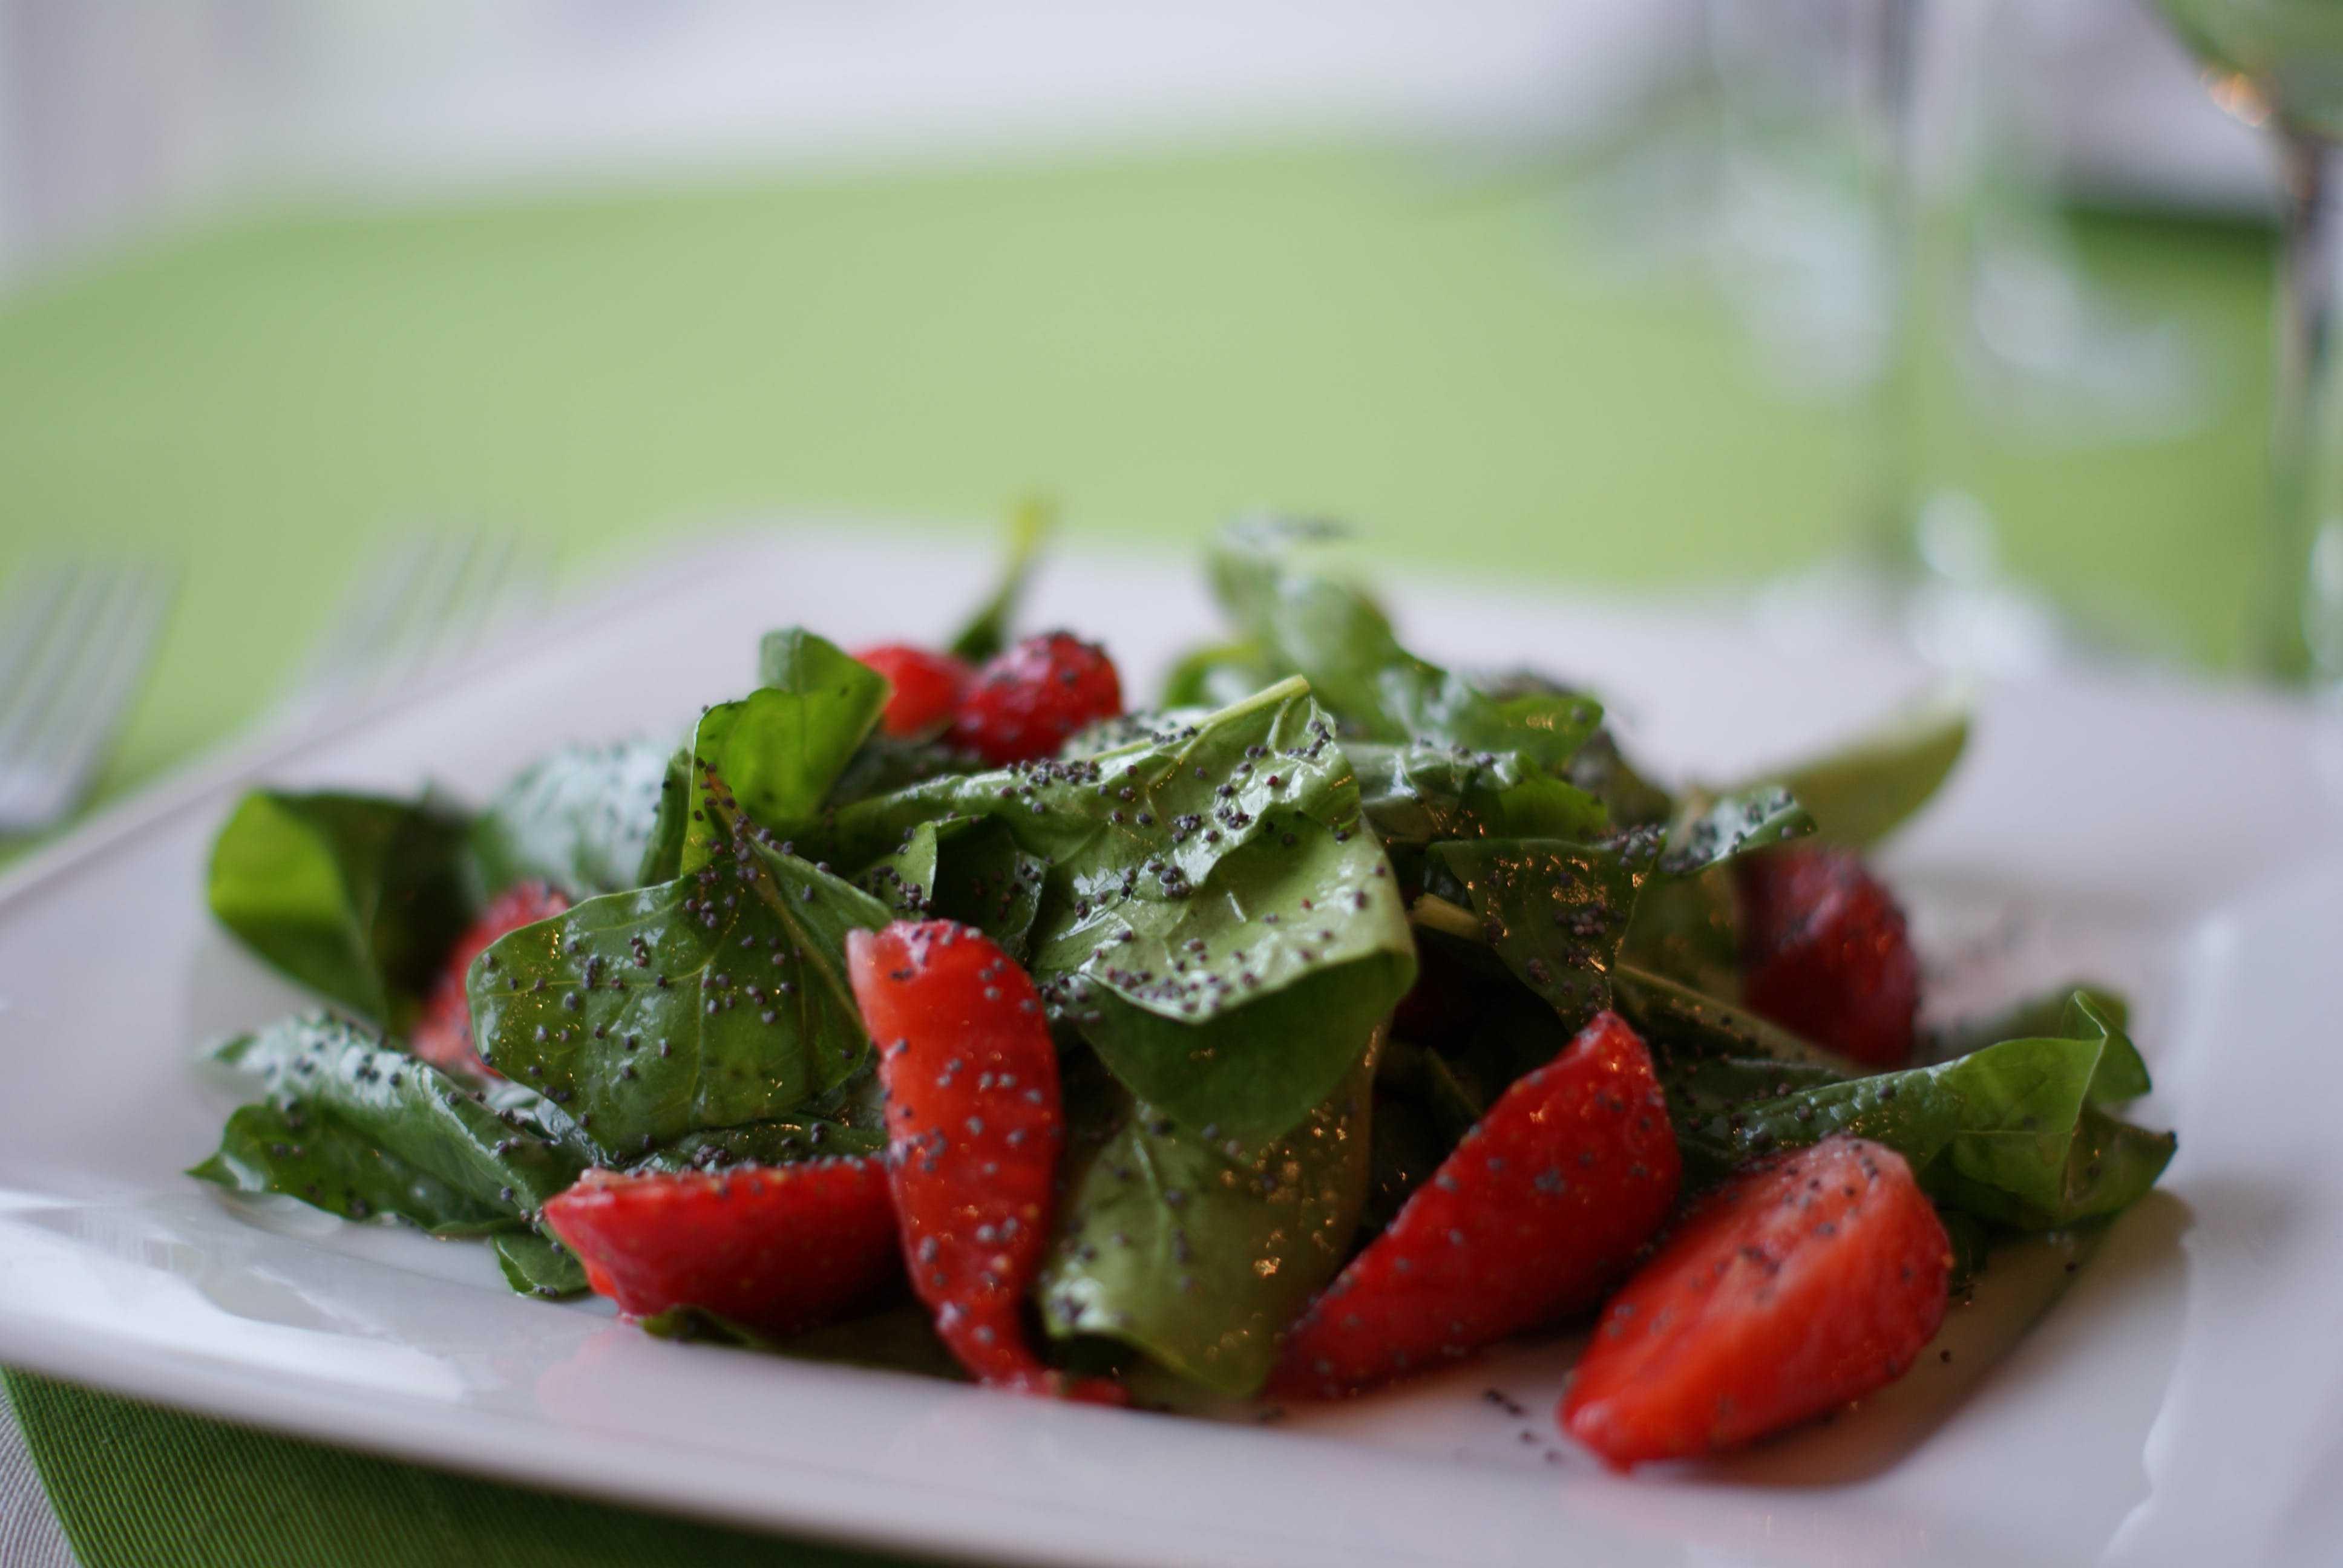 Салат с творогом помидорами и зеленью рецепт с фото пошагово - 1000.menu